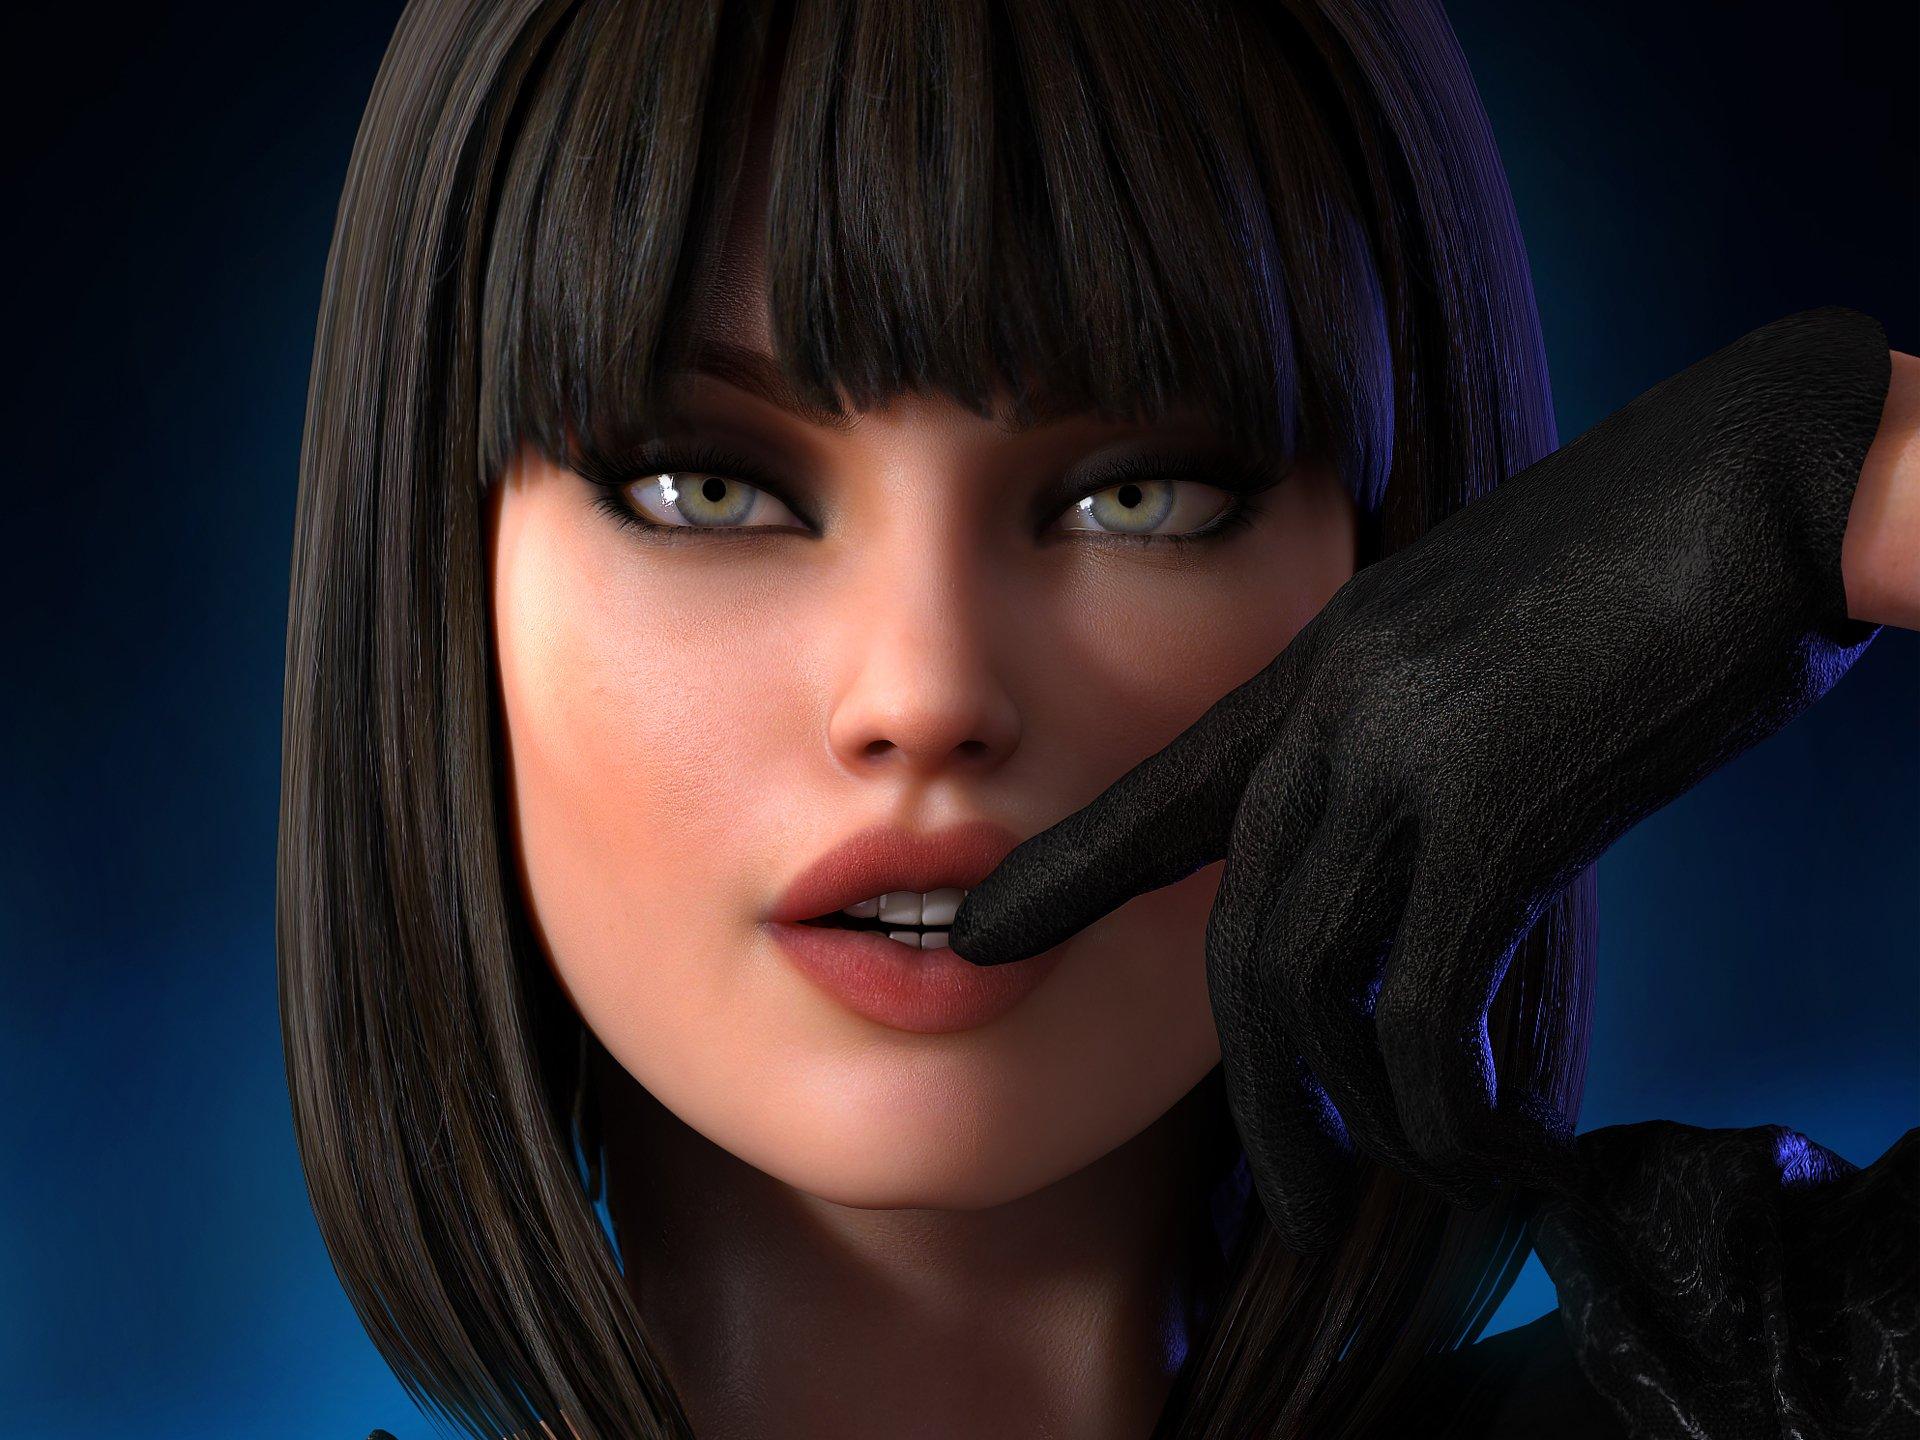 Девушка с челкой арт